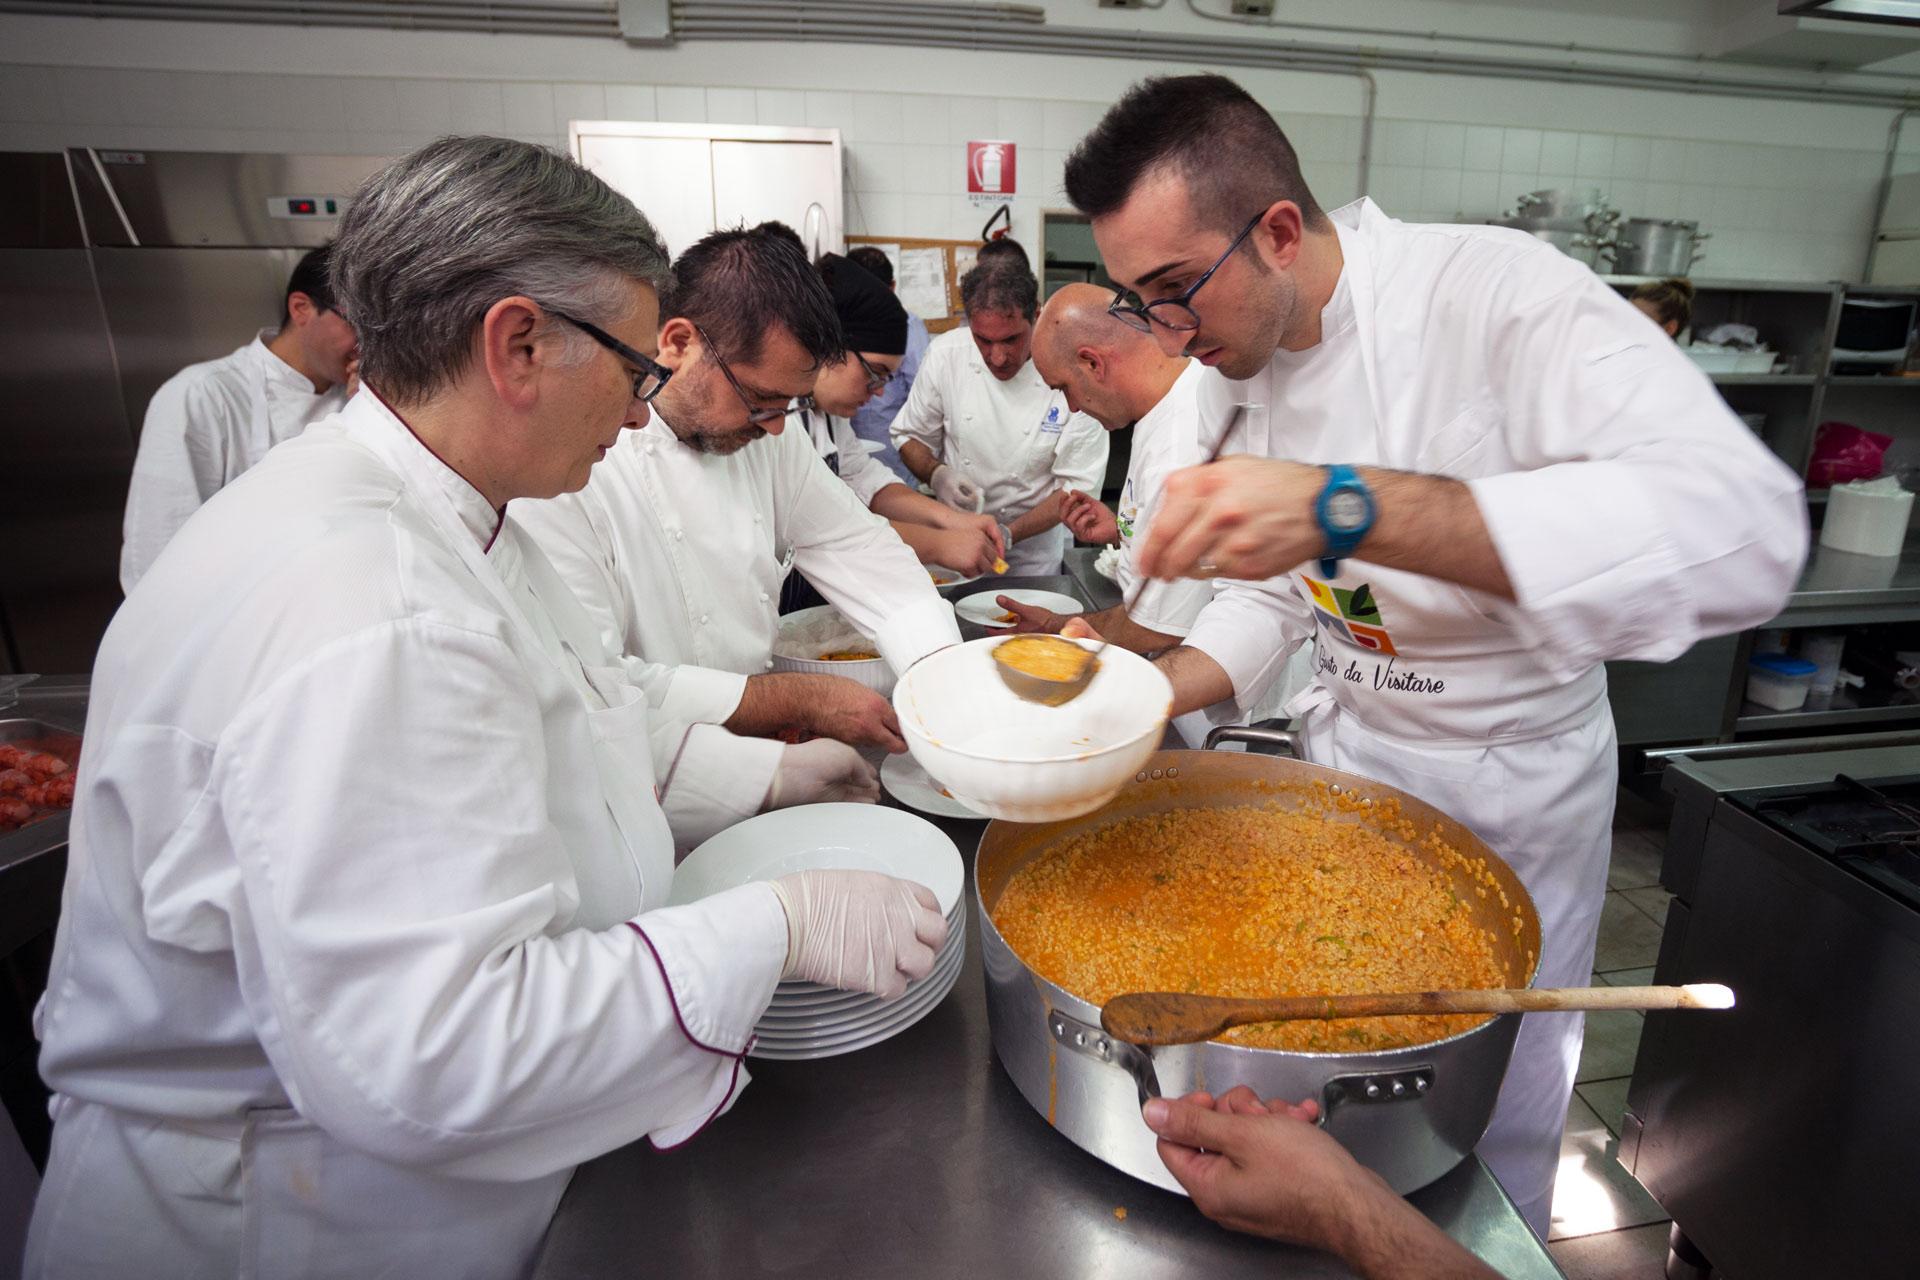 Maria Cicorella, Enzo Florio, Donato Calvi, Angelo Sabatelli, mentre impiattano una specialità di Pino Lavarra (sul fondo)